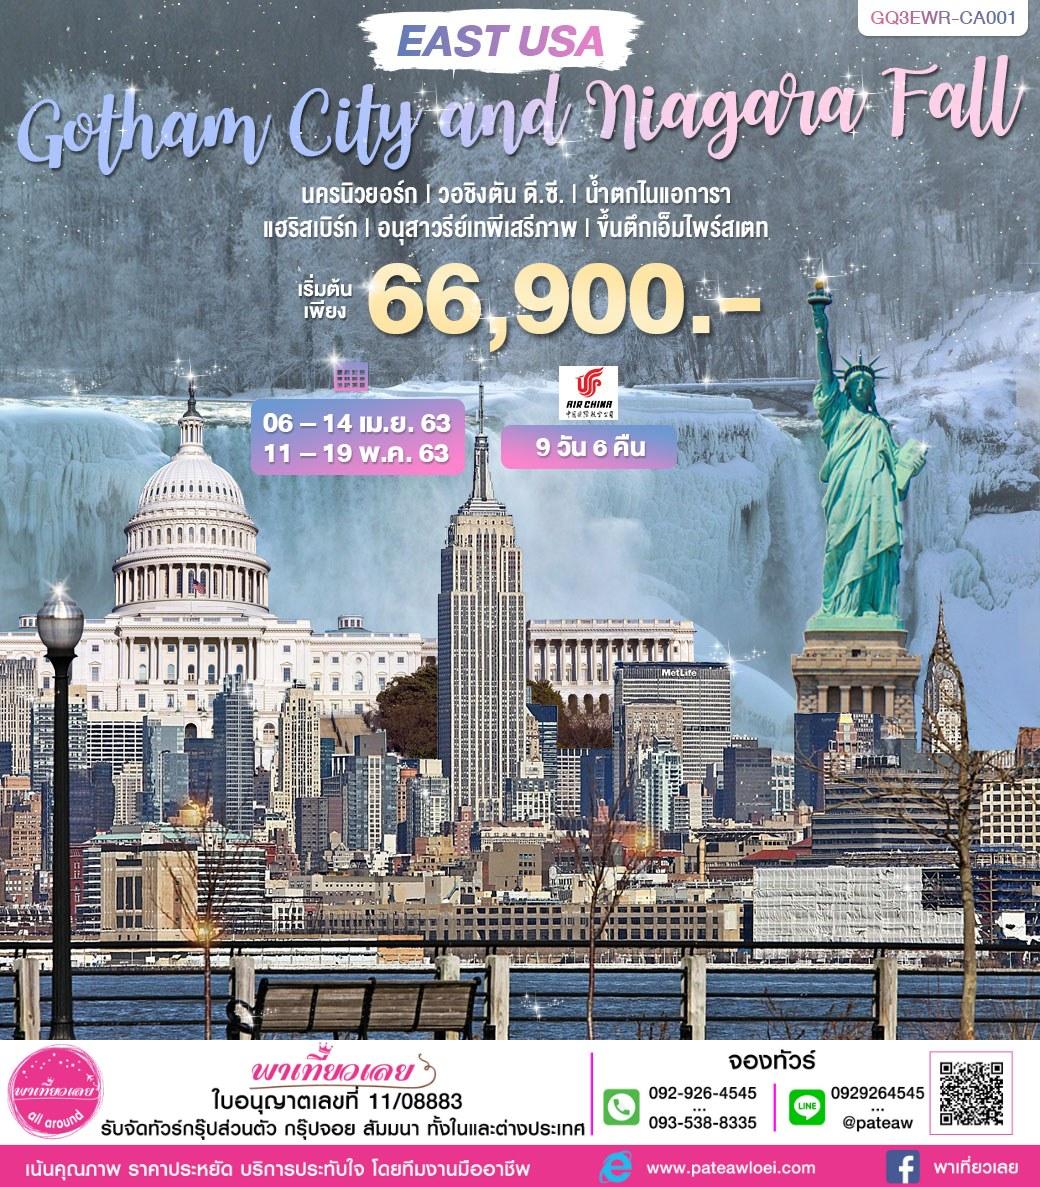 อเมริกา EAST USA Gotham City and Niagara Fall 9วัน 6คืน